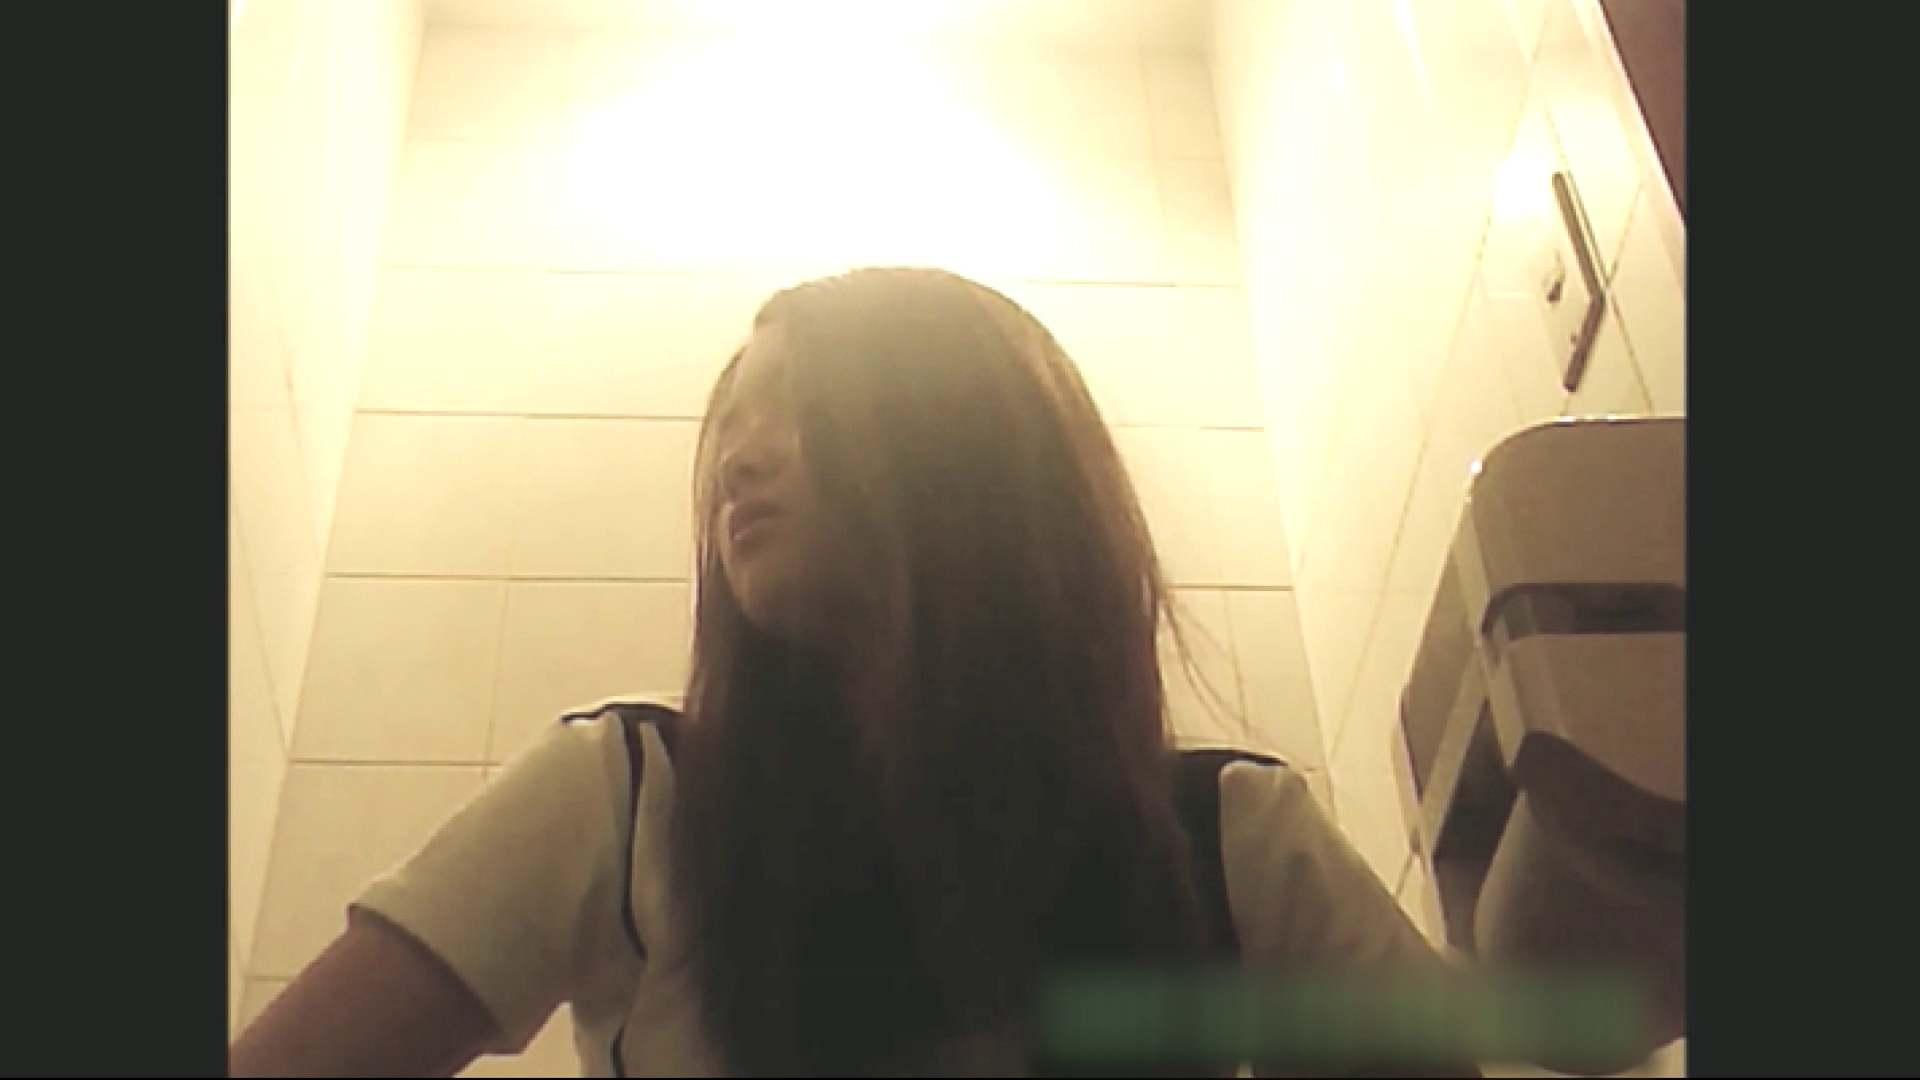 ティーンガールのトイレ覗き‼vol.02 お姉さんのエロ動画 AV無料動画キャプチャ 92PIX 28